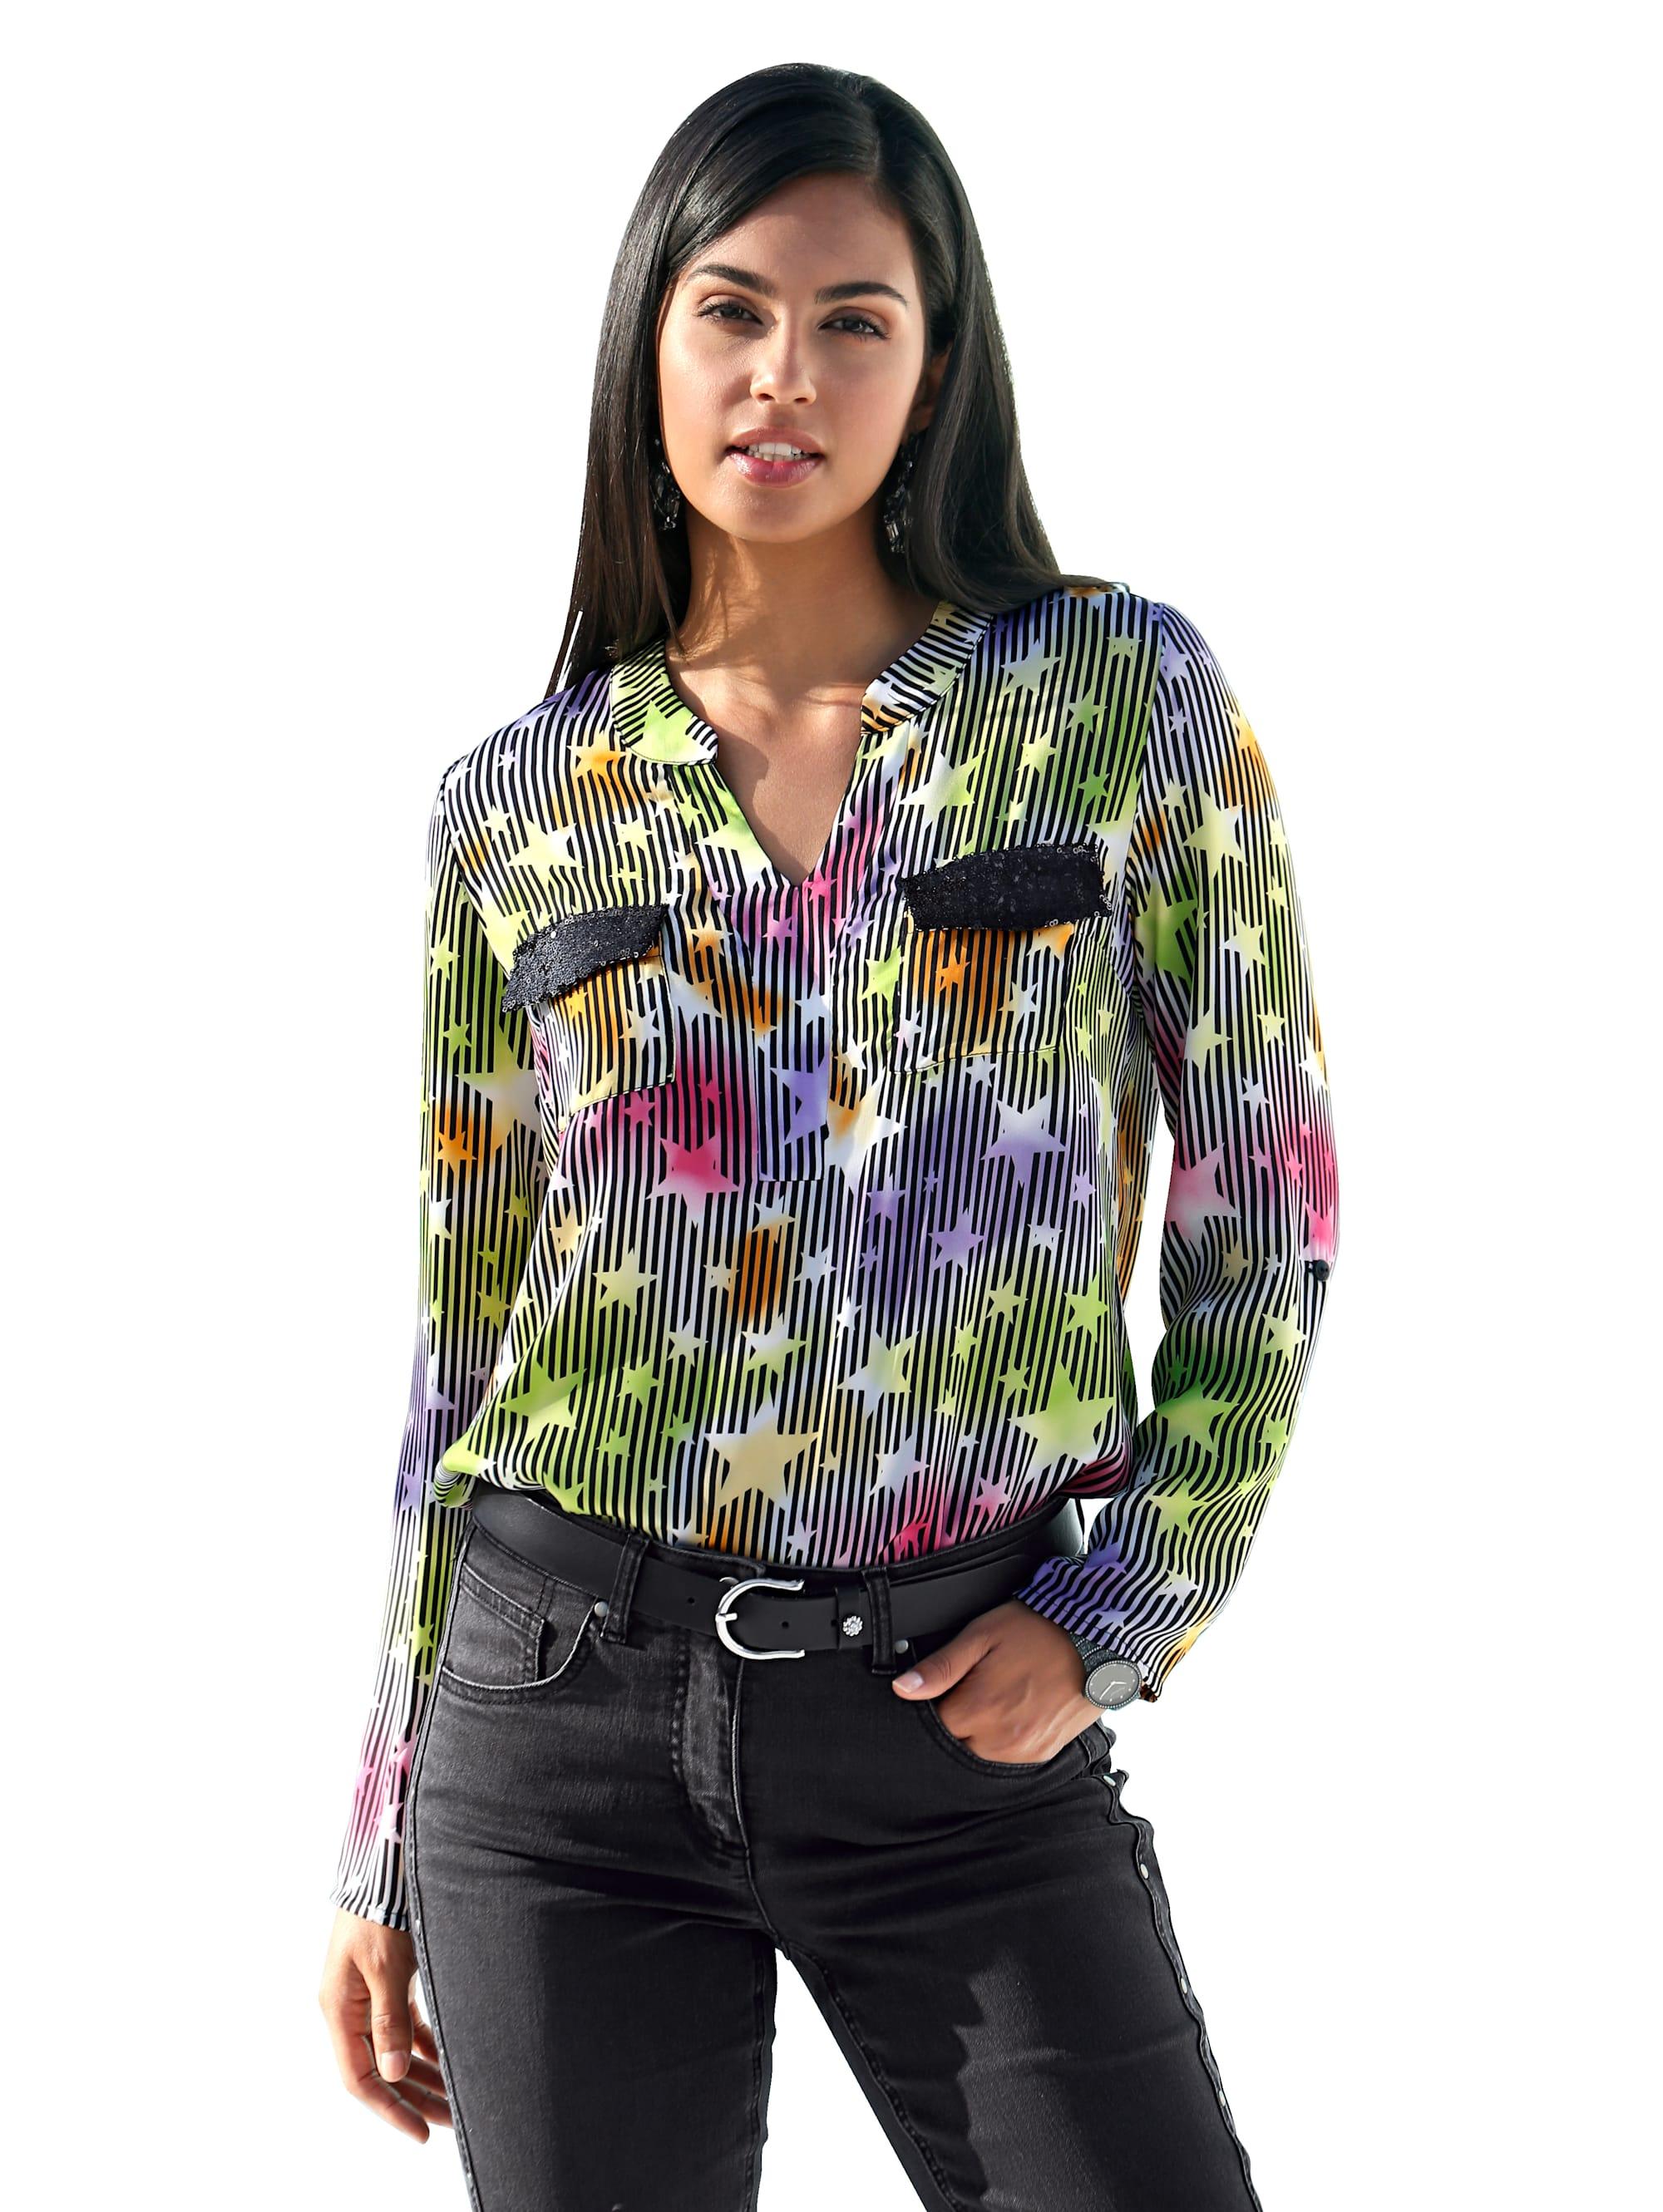 AMY VERMONT Bluse in buntem Streifen- und Sternendruck 3q1VB Ga6hU